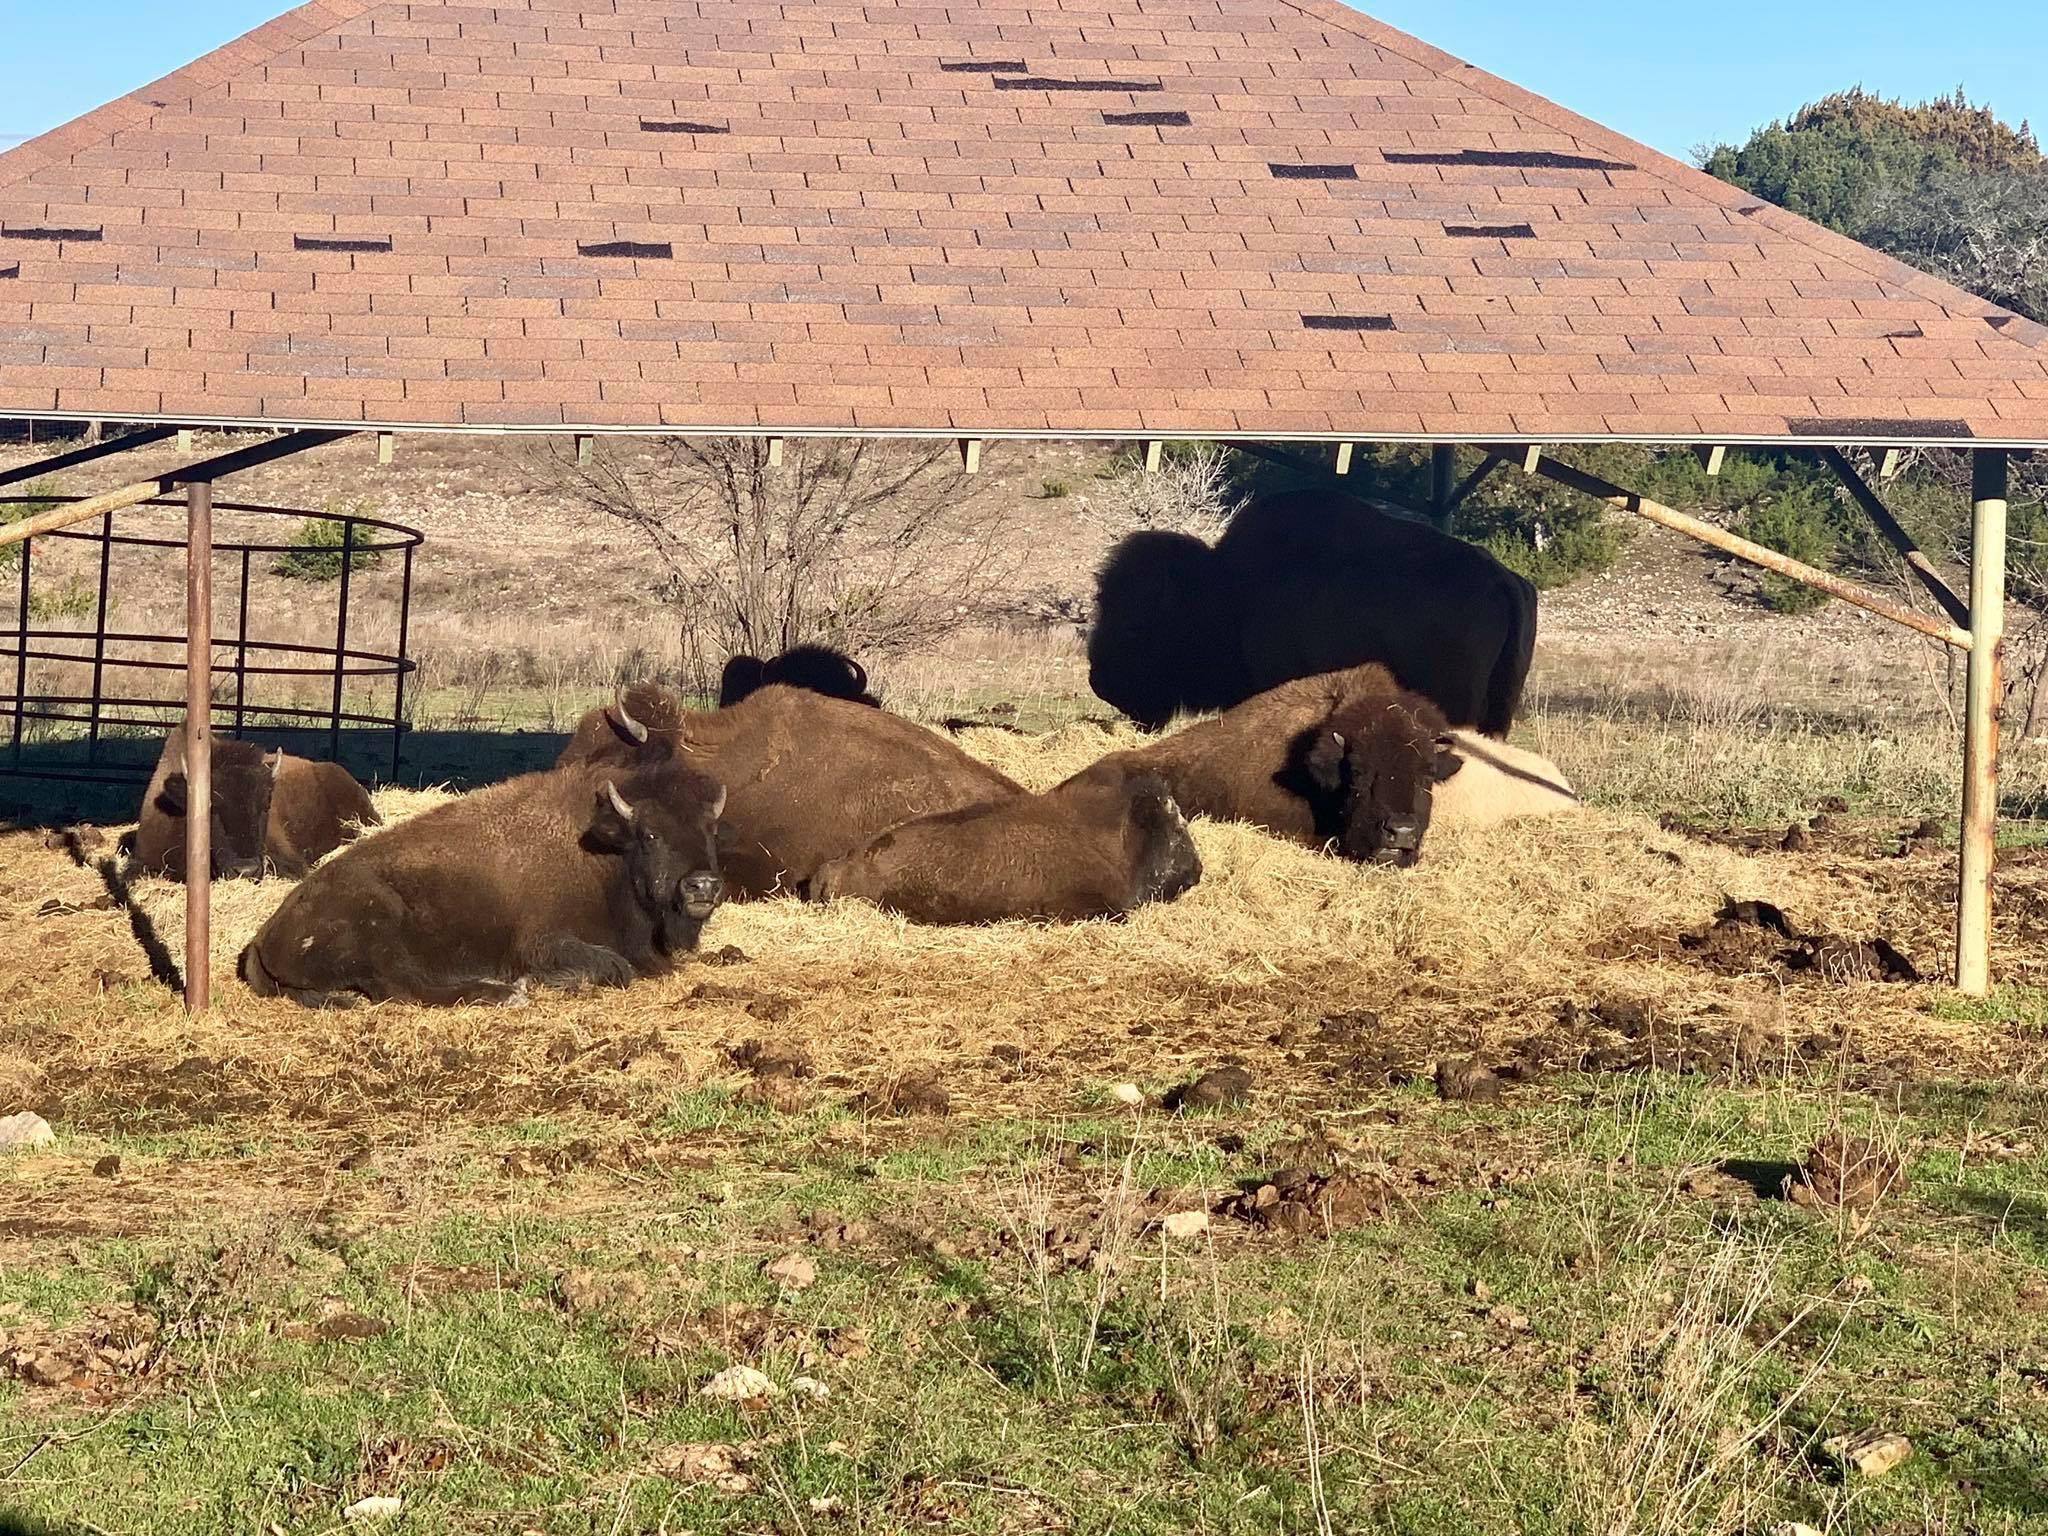 bison resting under shelter